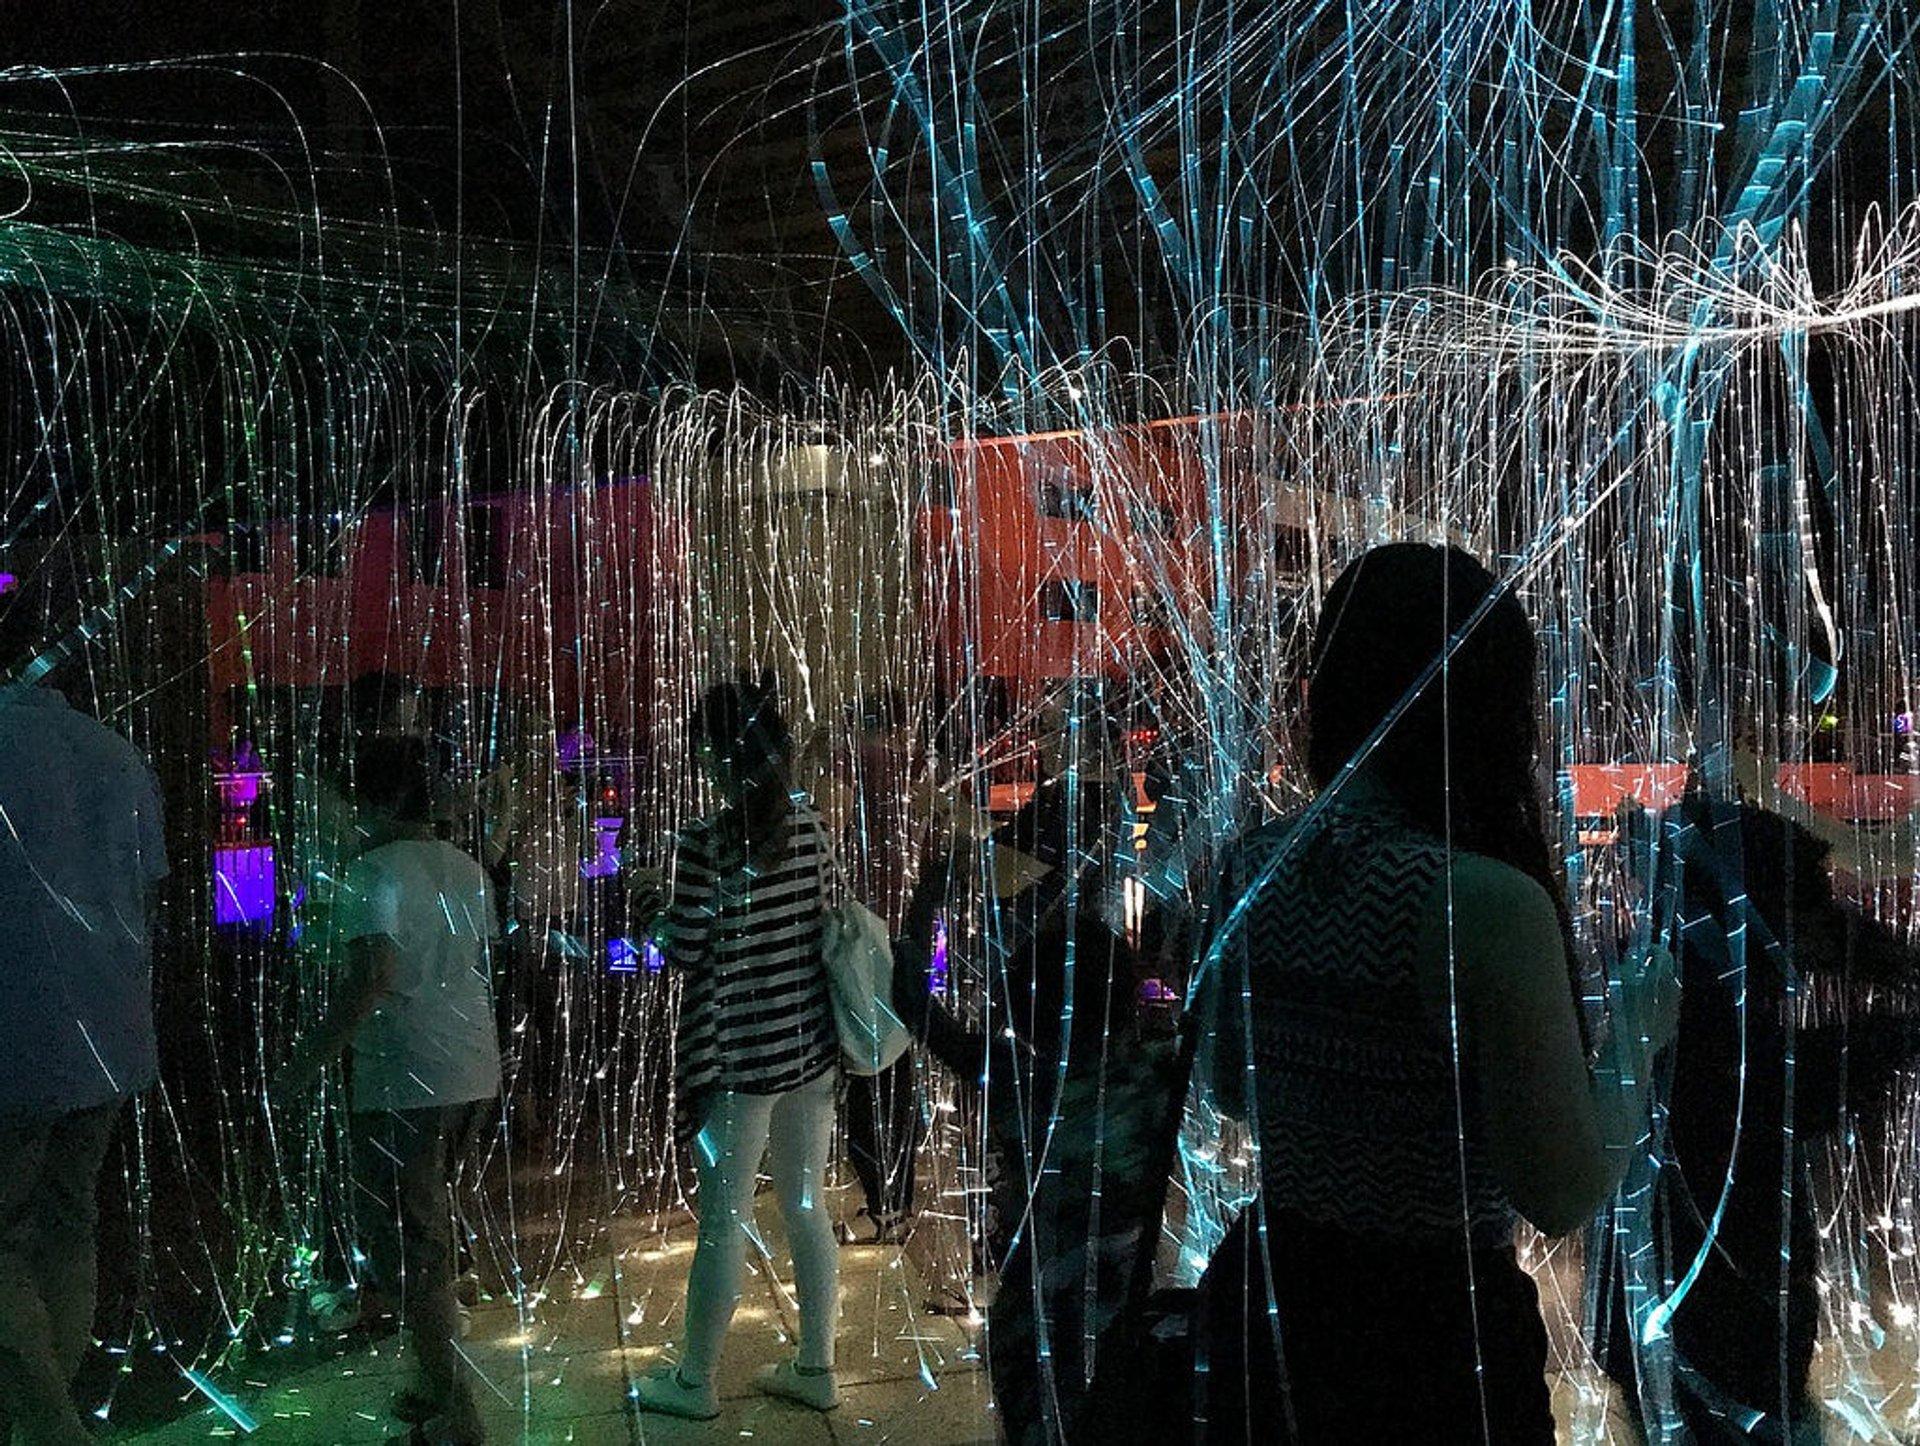 Kaleidoscope Festival in Western Australia - Best Season 2019